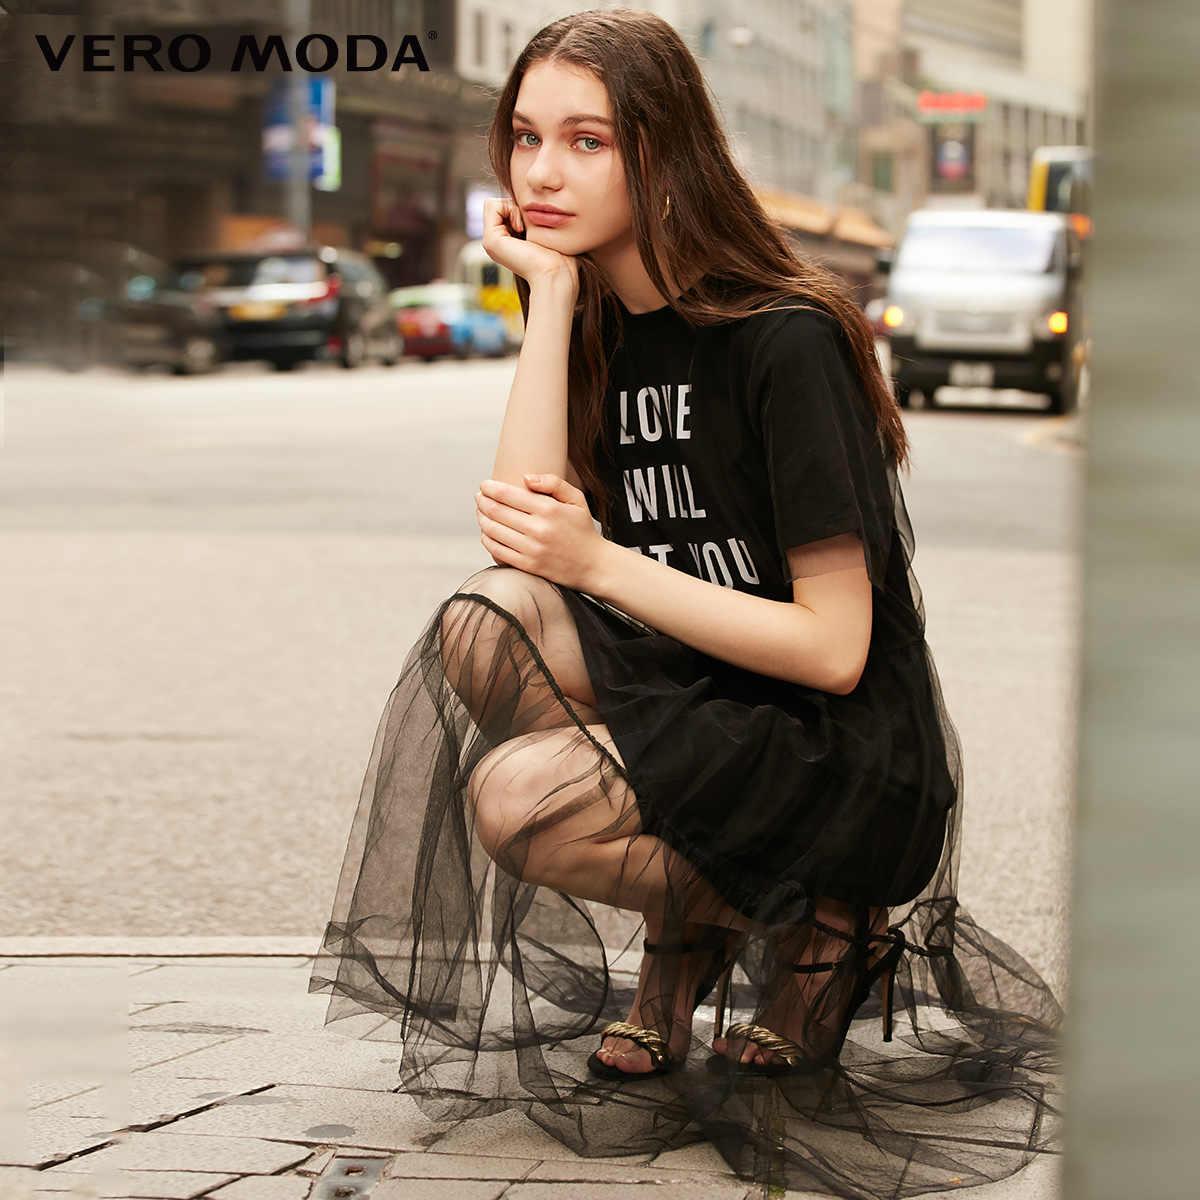 Vero Moda eklenmiş gazlı bez T-shirt mektubu yaz elbisesi   319161521